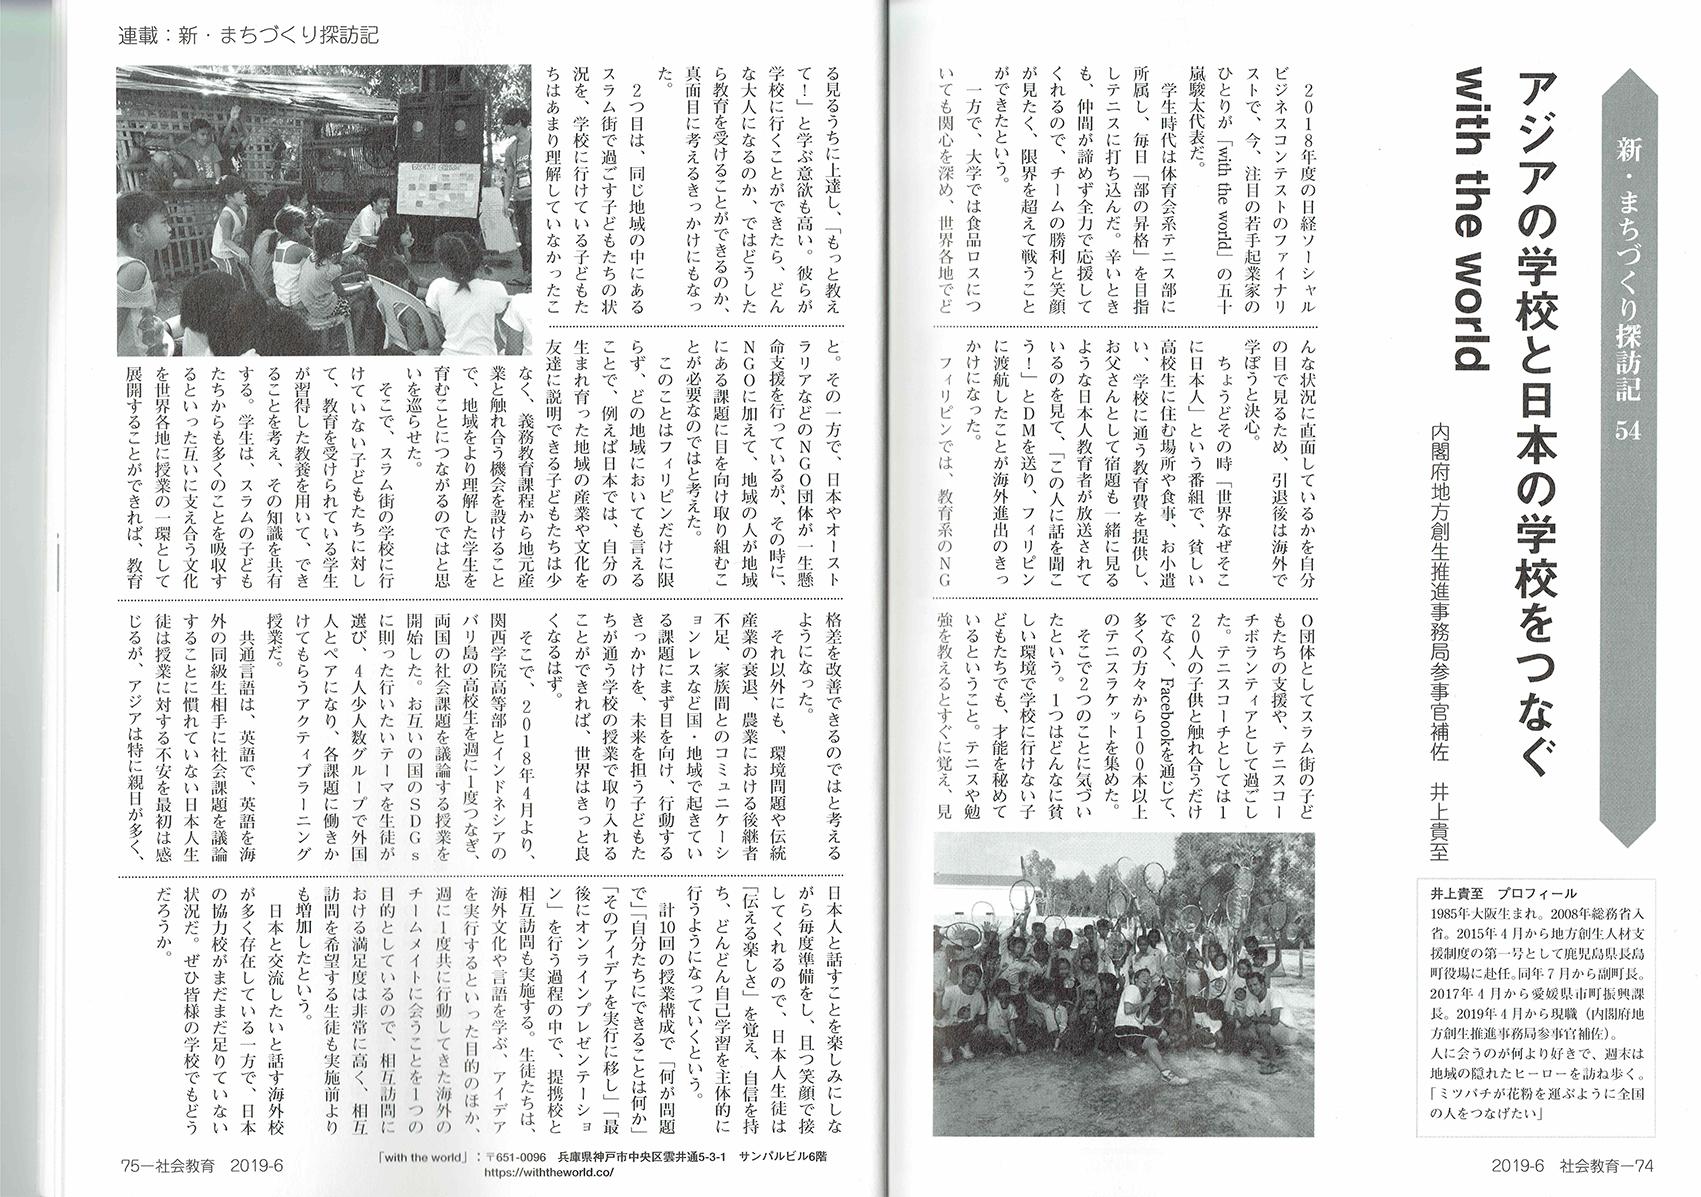 月間社会教育「リカレント教育・学習」6月号